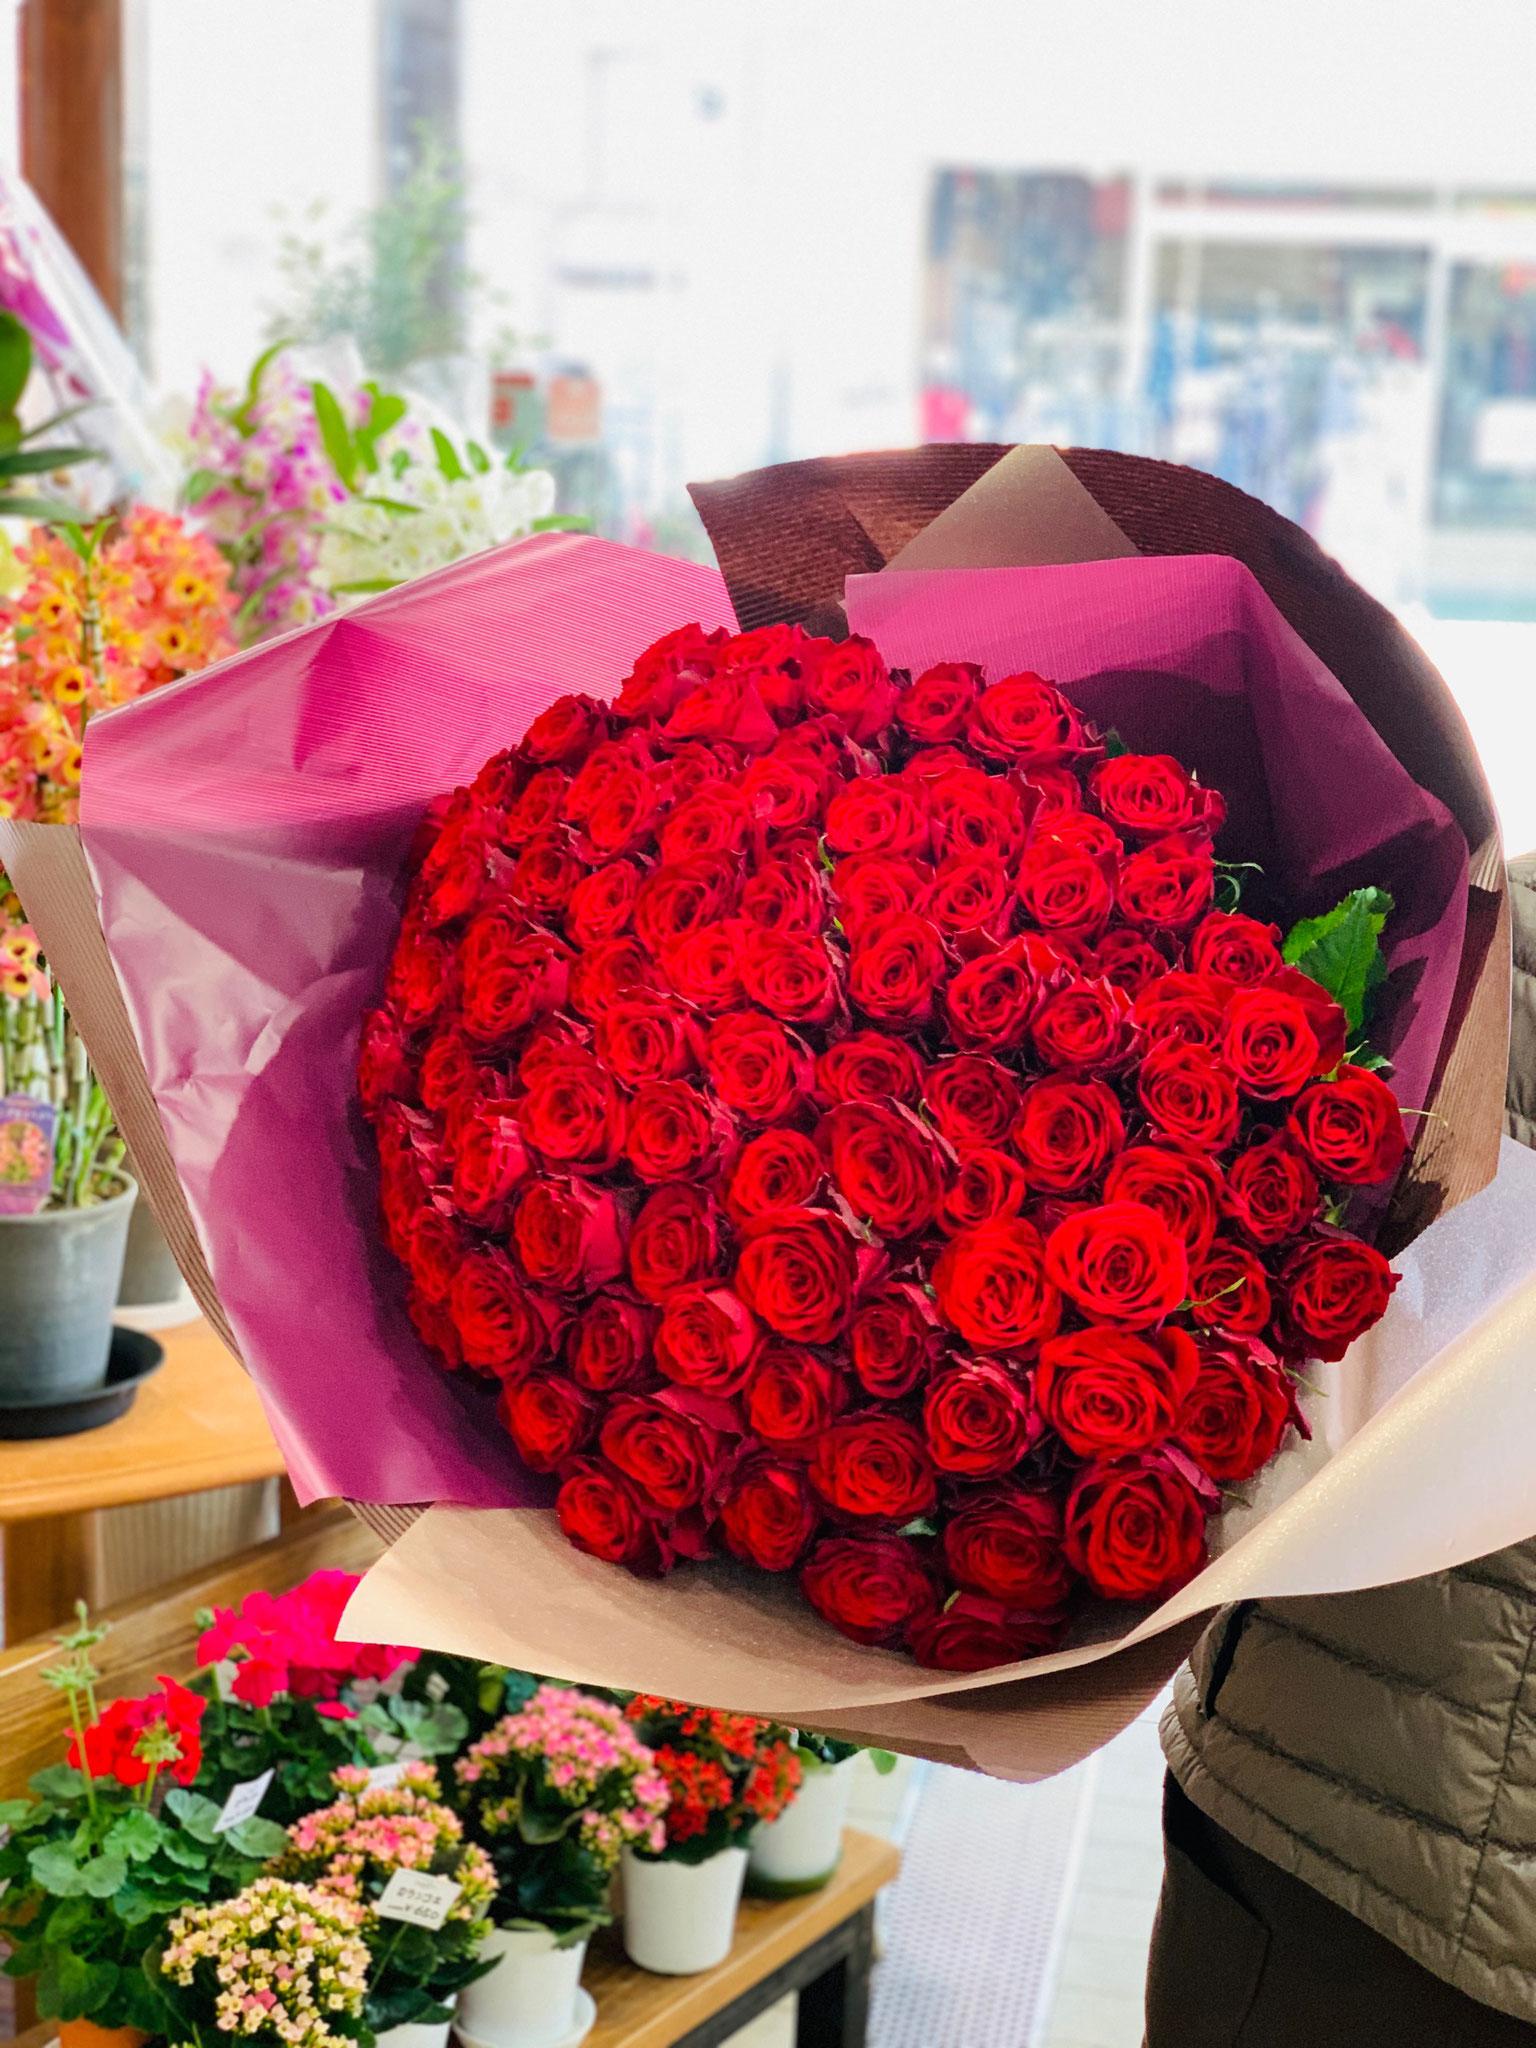 ④サプライズは一生の想い出に赤いバラの花束を